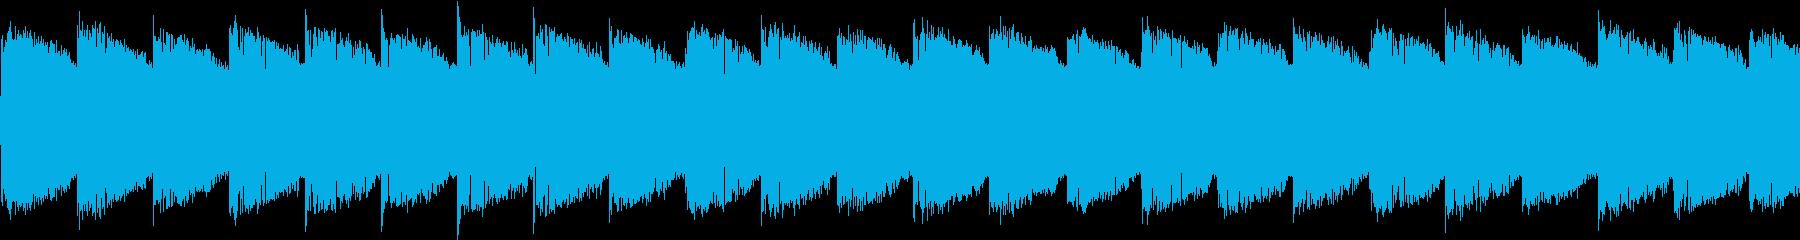 シンセ サイレン アナログ ピコピコ05の再生済みの波形